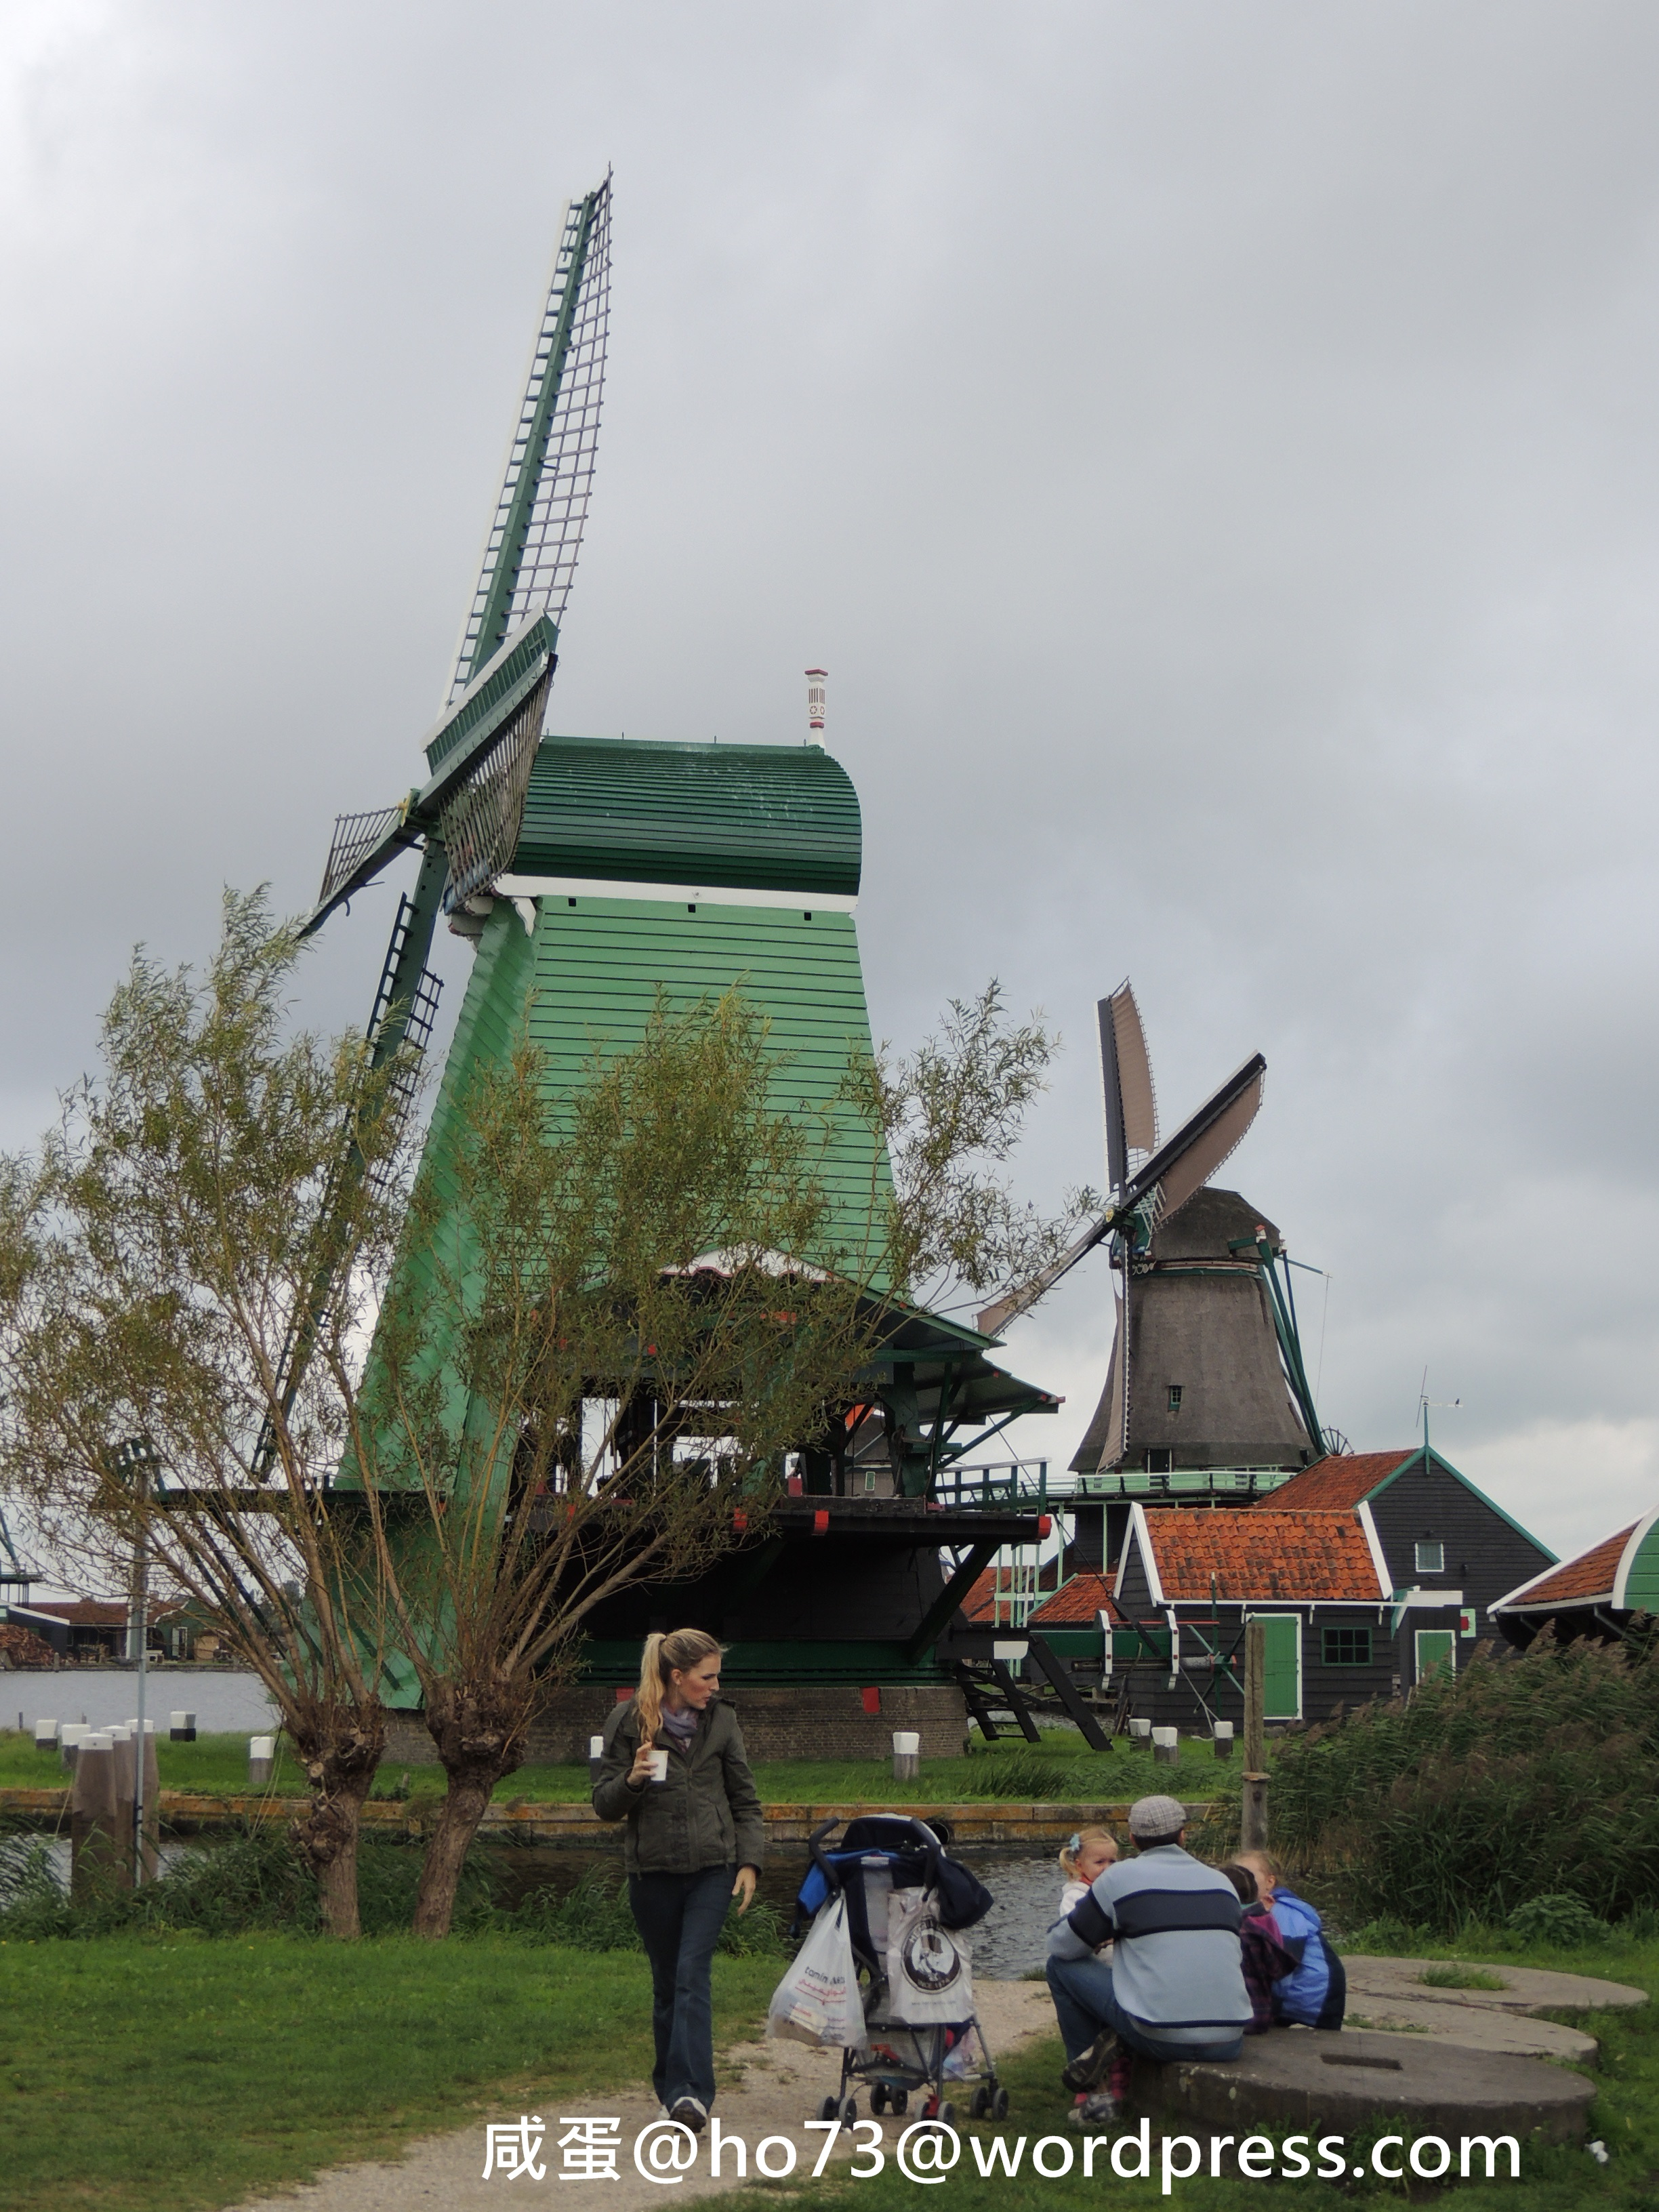 帶媽媽去旅行:荷蘭第2天 風車村+馬肯漁港 | 咸蛋salt egg